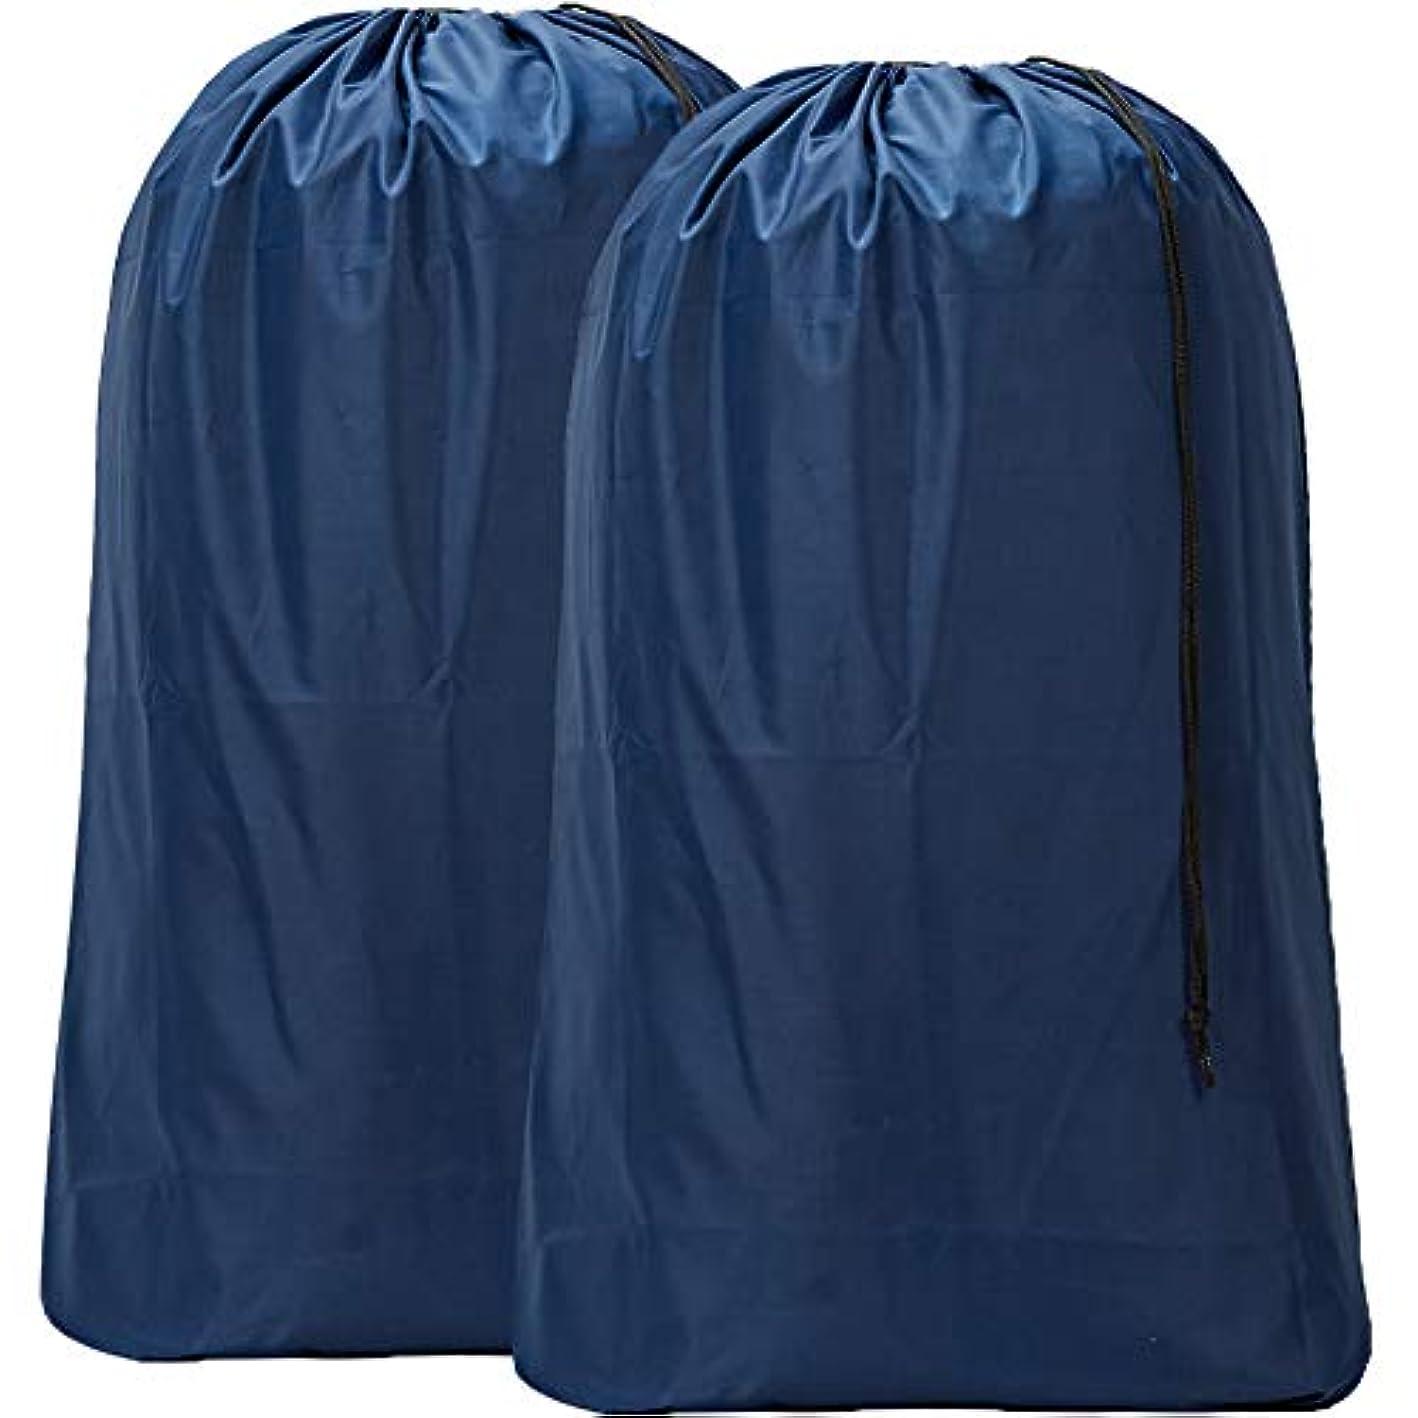 HOMEST 2 Pack Nylon Laundry Bag, 28